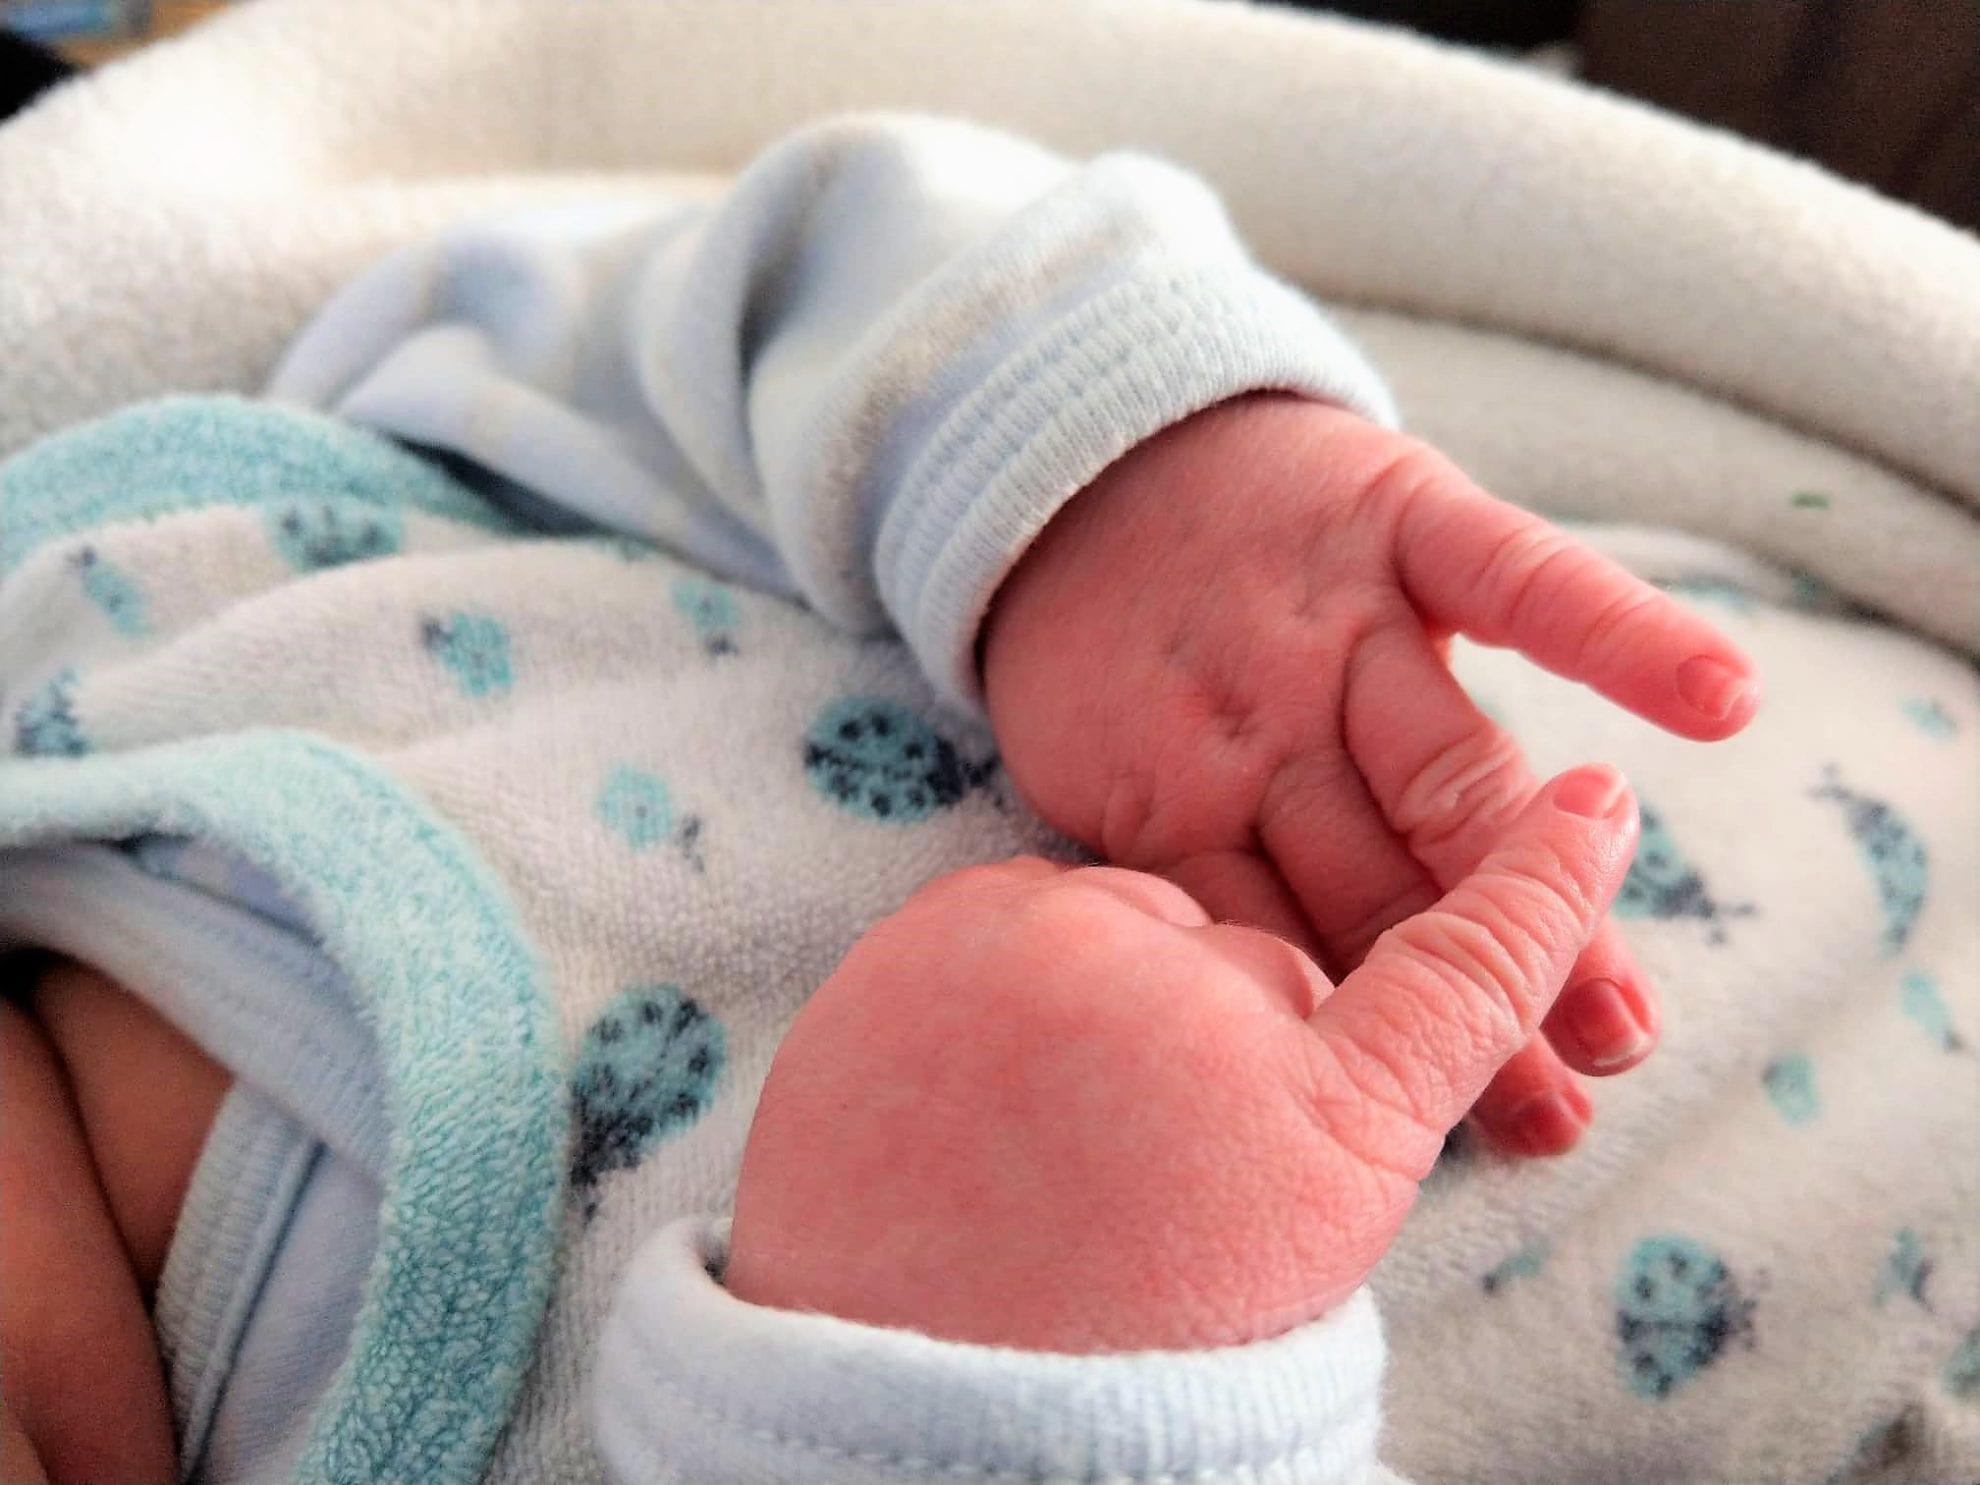 Neugeborenes, Babyupdate, Hände, Babyhände, Baby, Mamablog, Puddingklecks